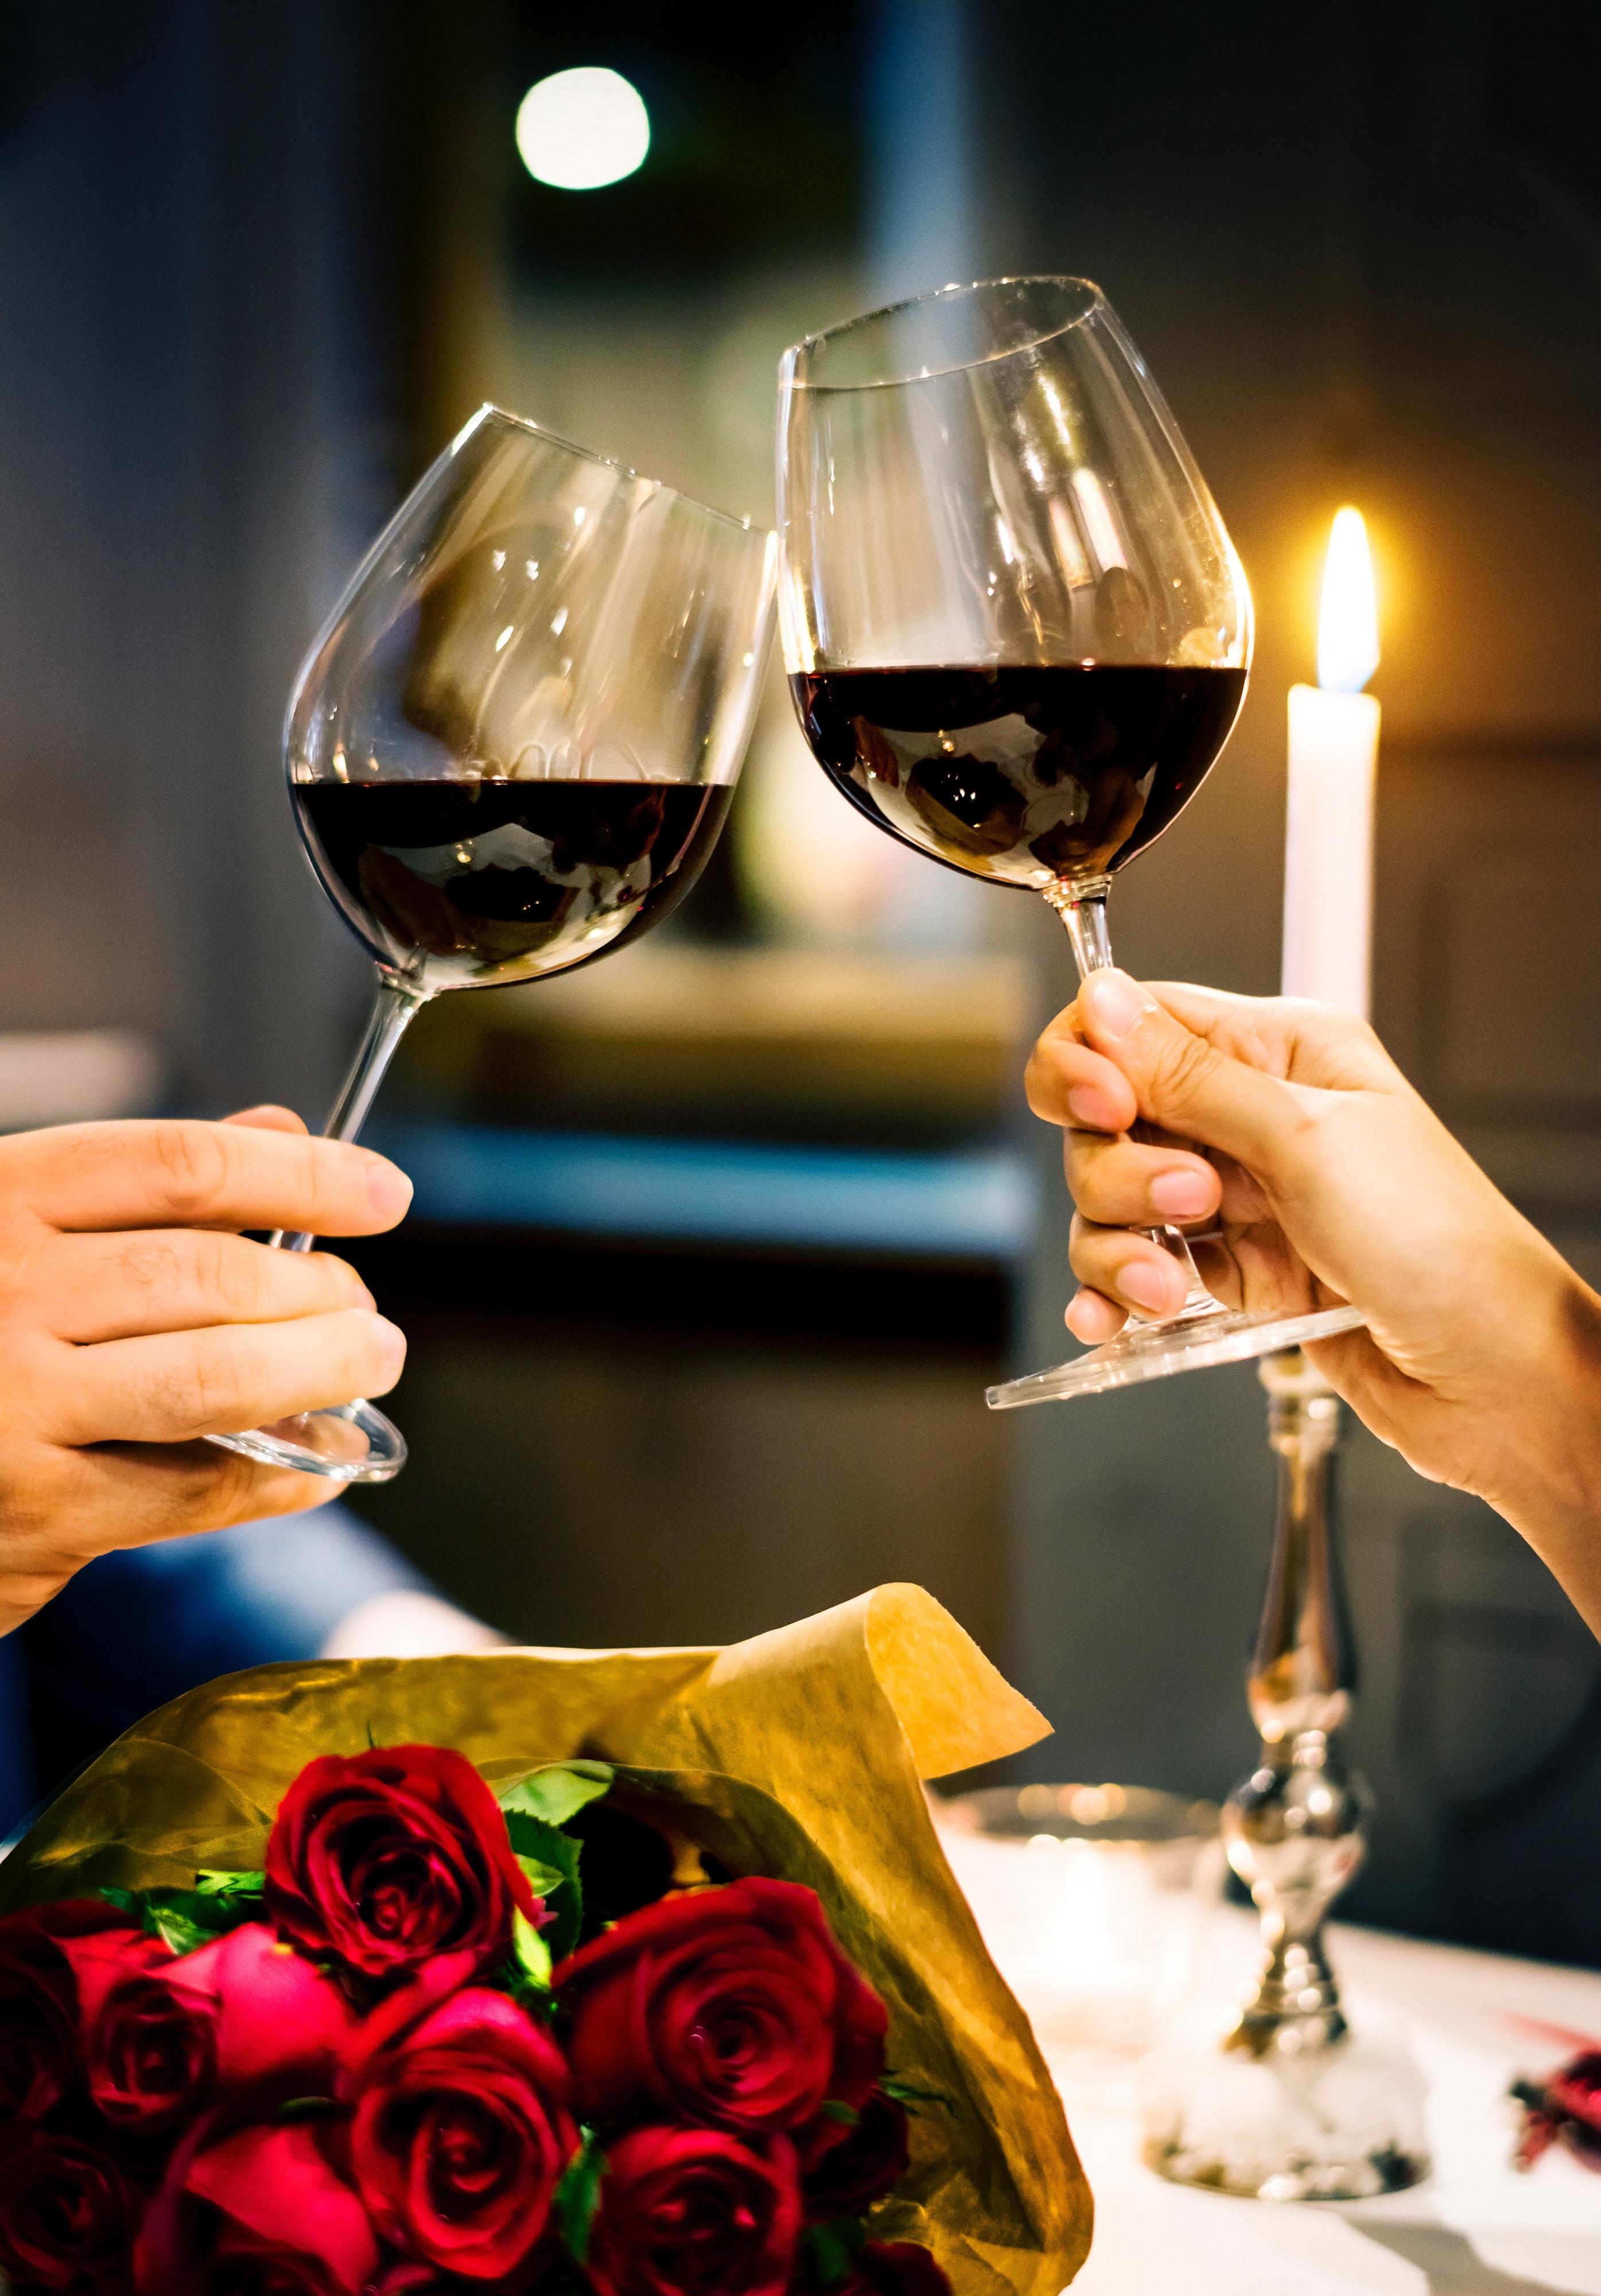 Køb kvalitets vin online